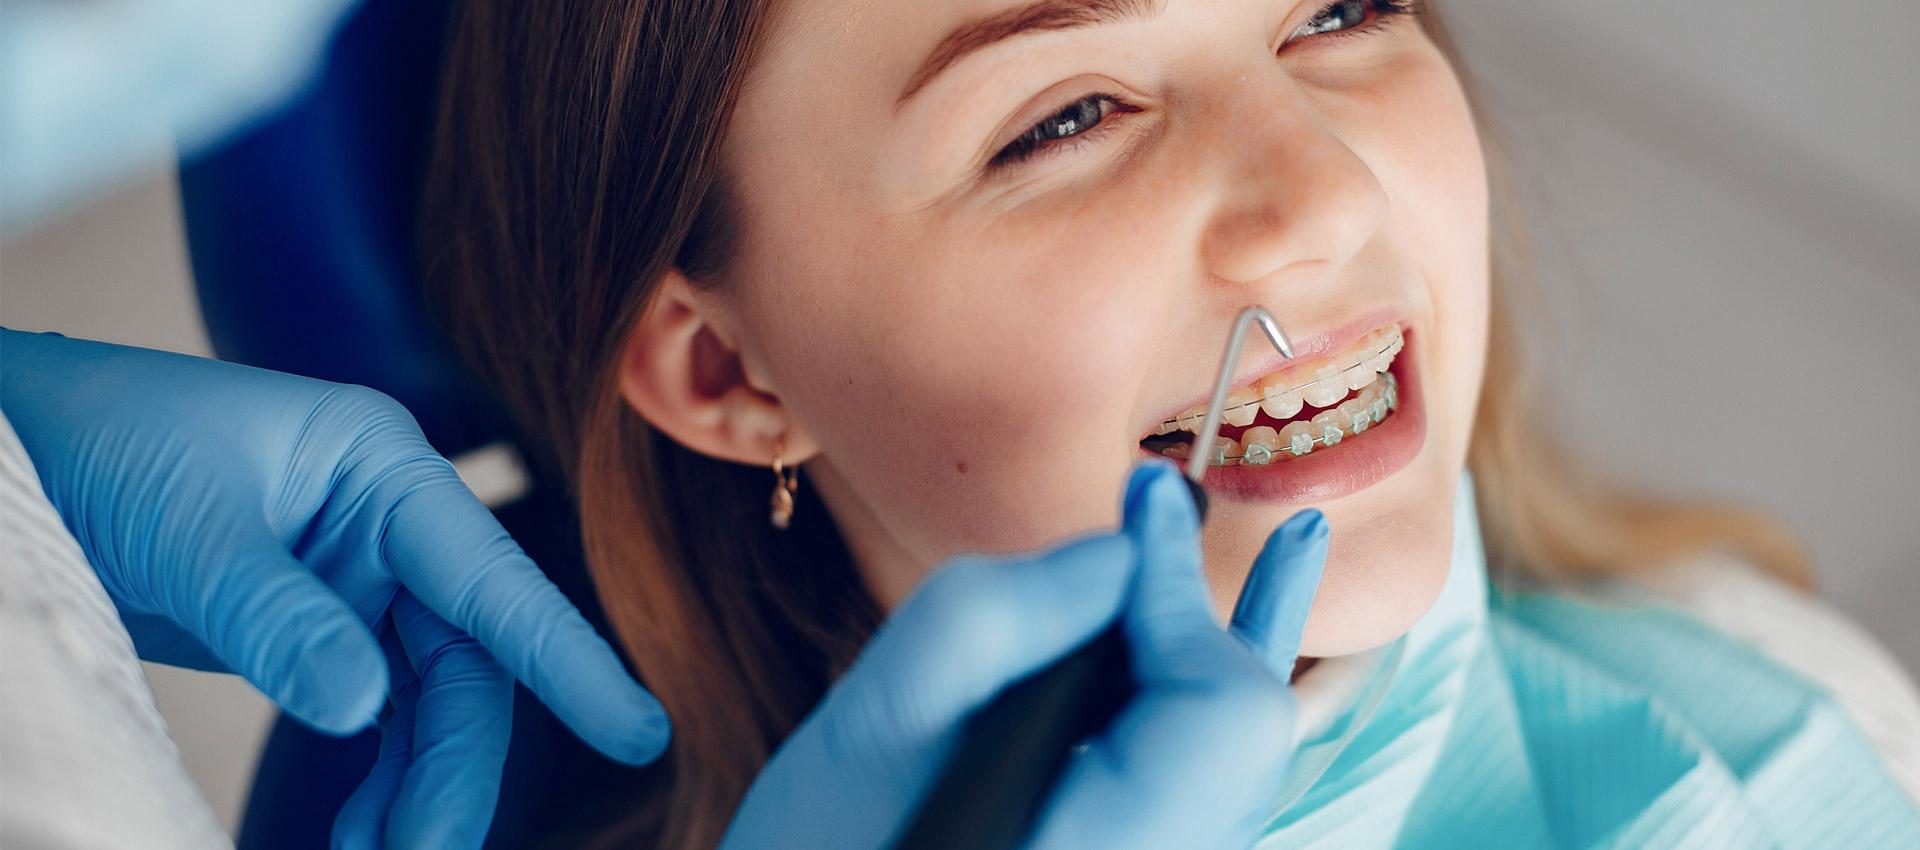 The Dental Institute NZ